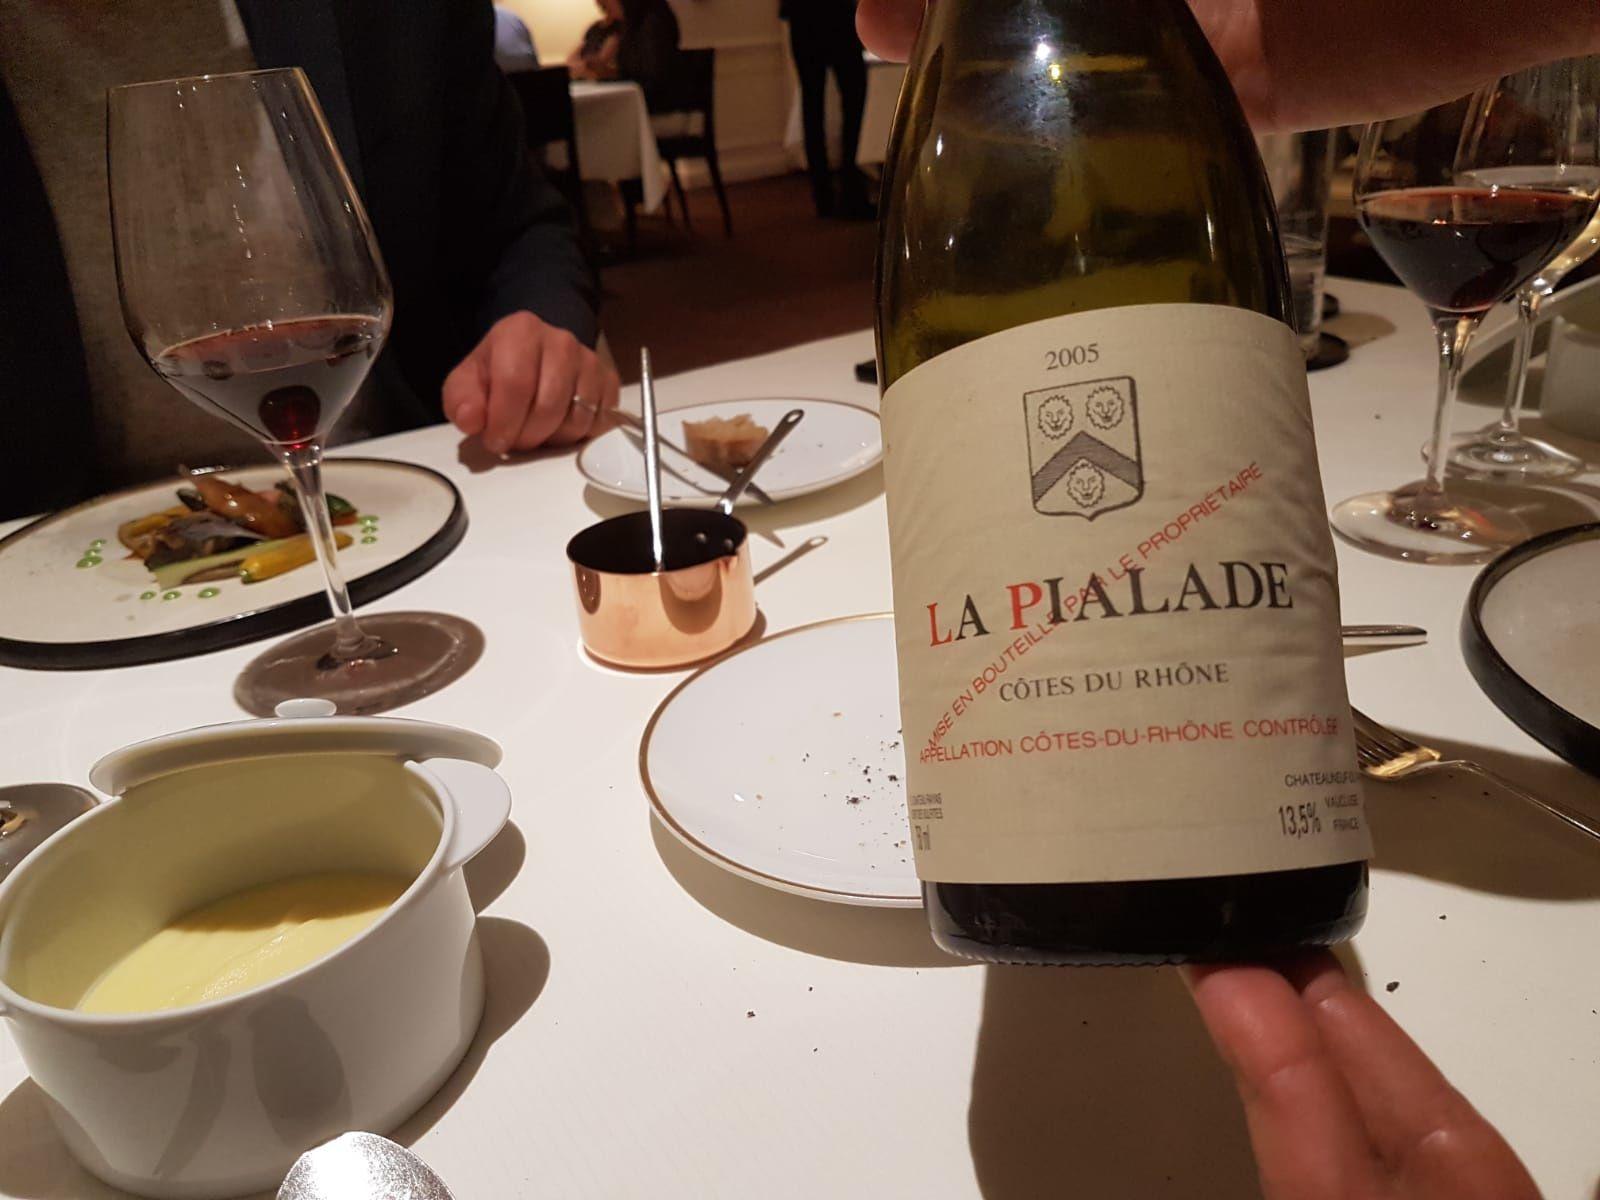 Un vin rouge évolué peut parfaitement accompagné une préparation à la truffe...